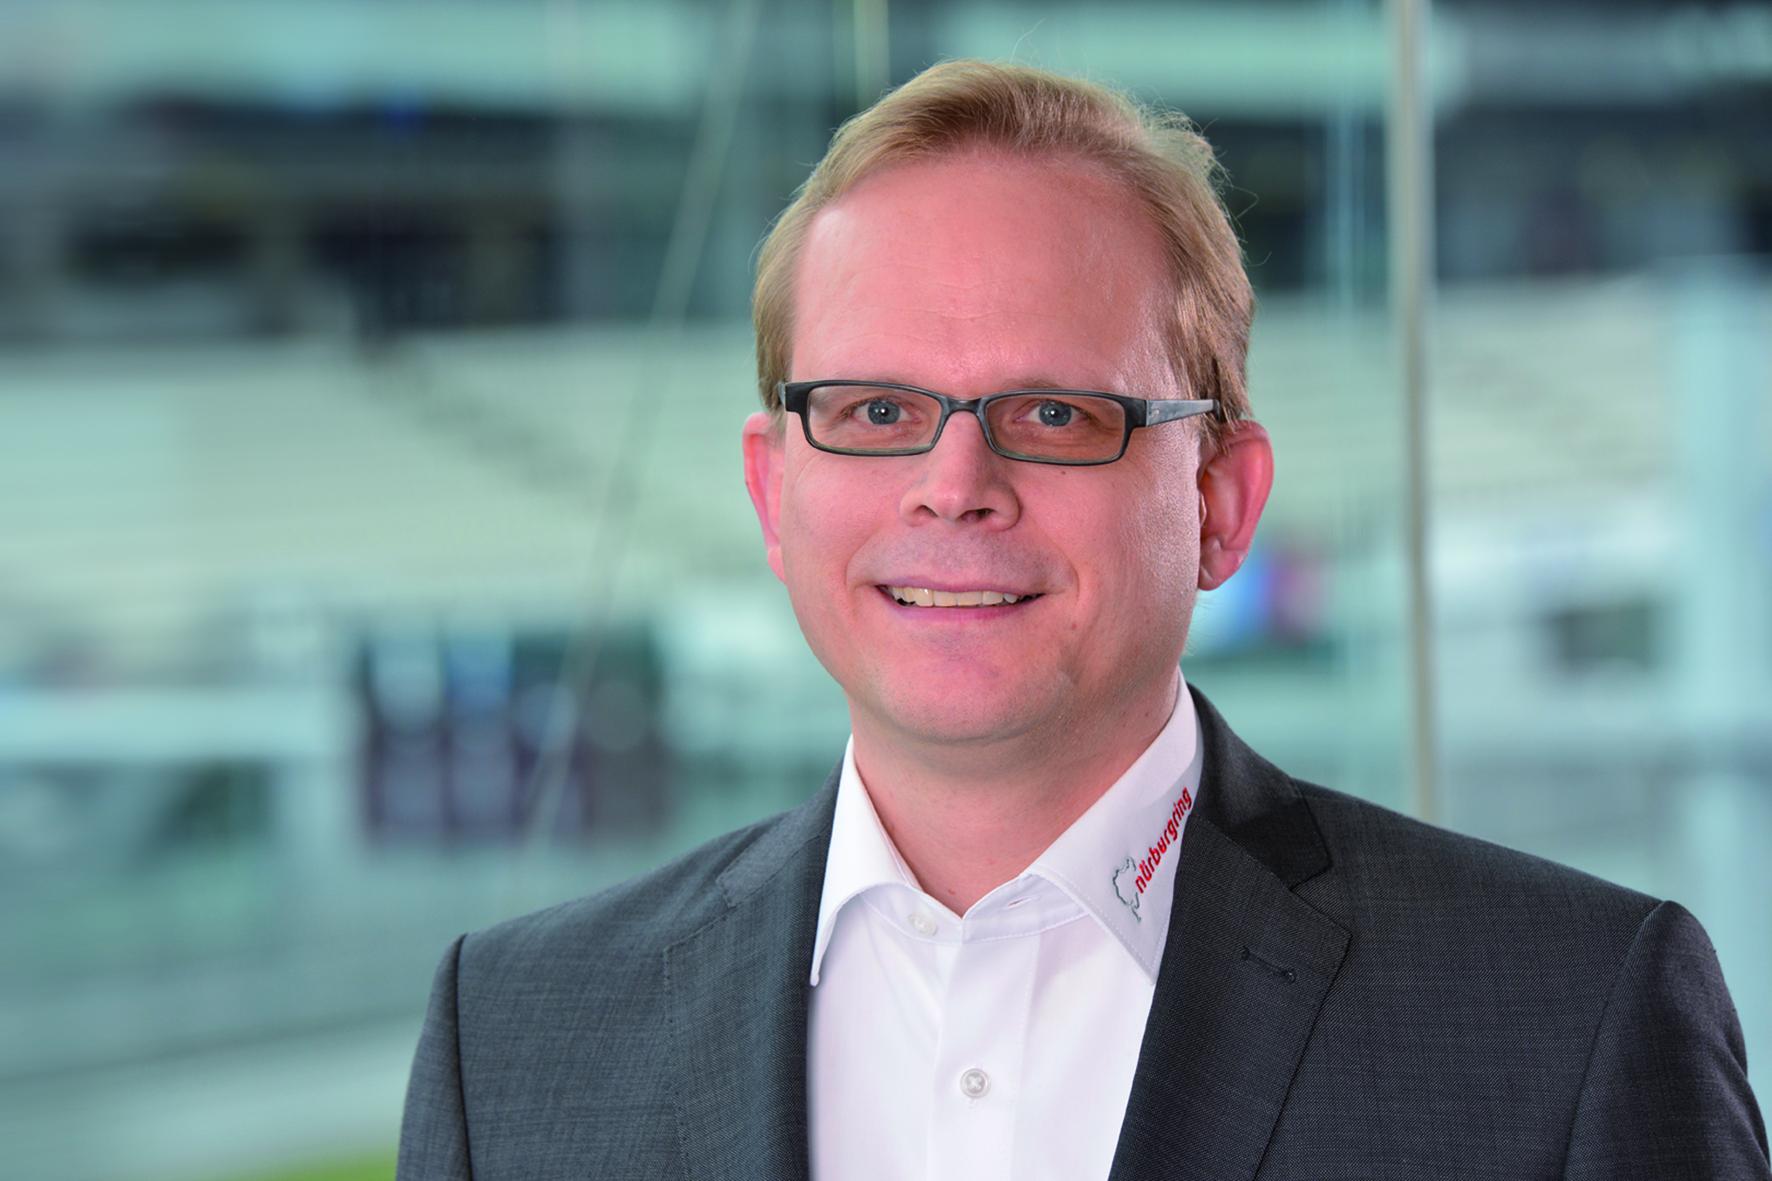 Carsten Paas leitet die Nürburgring 1927 GmbH & Co. KG Findungsprozess für zukünftige Geschäftsführung läuft